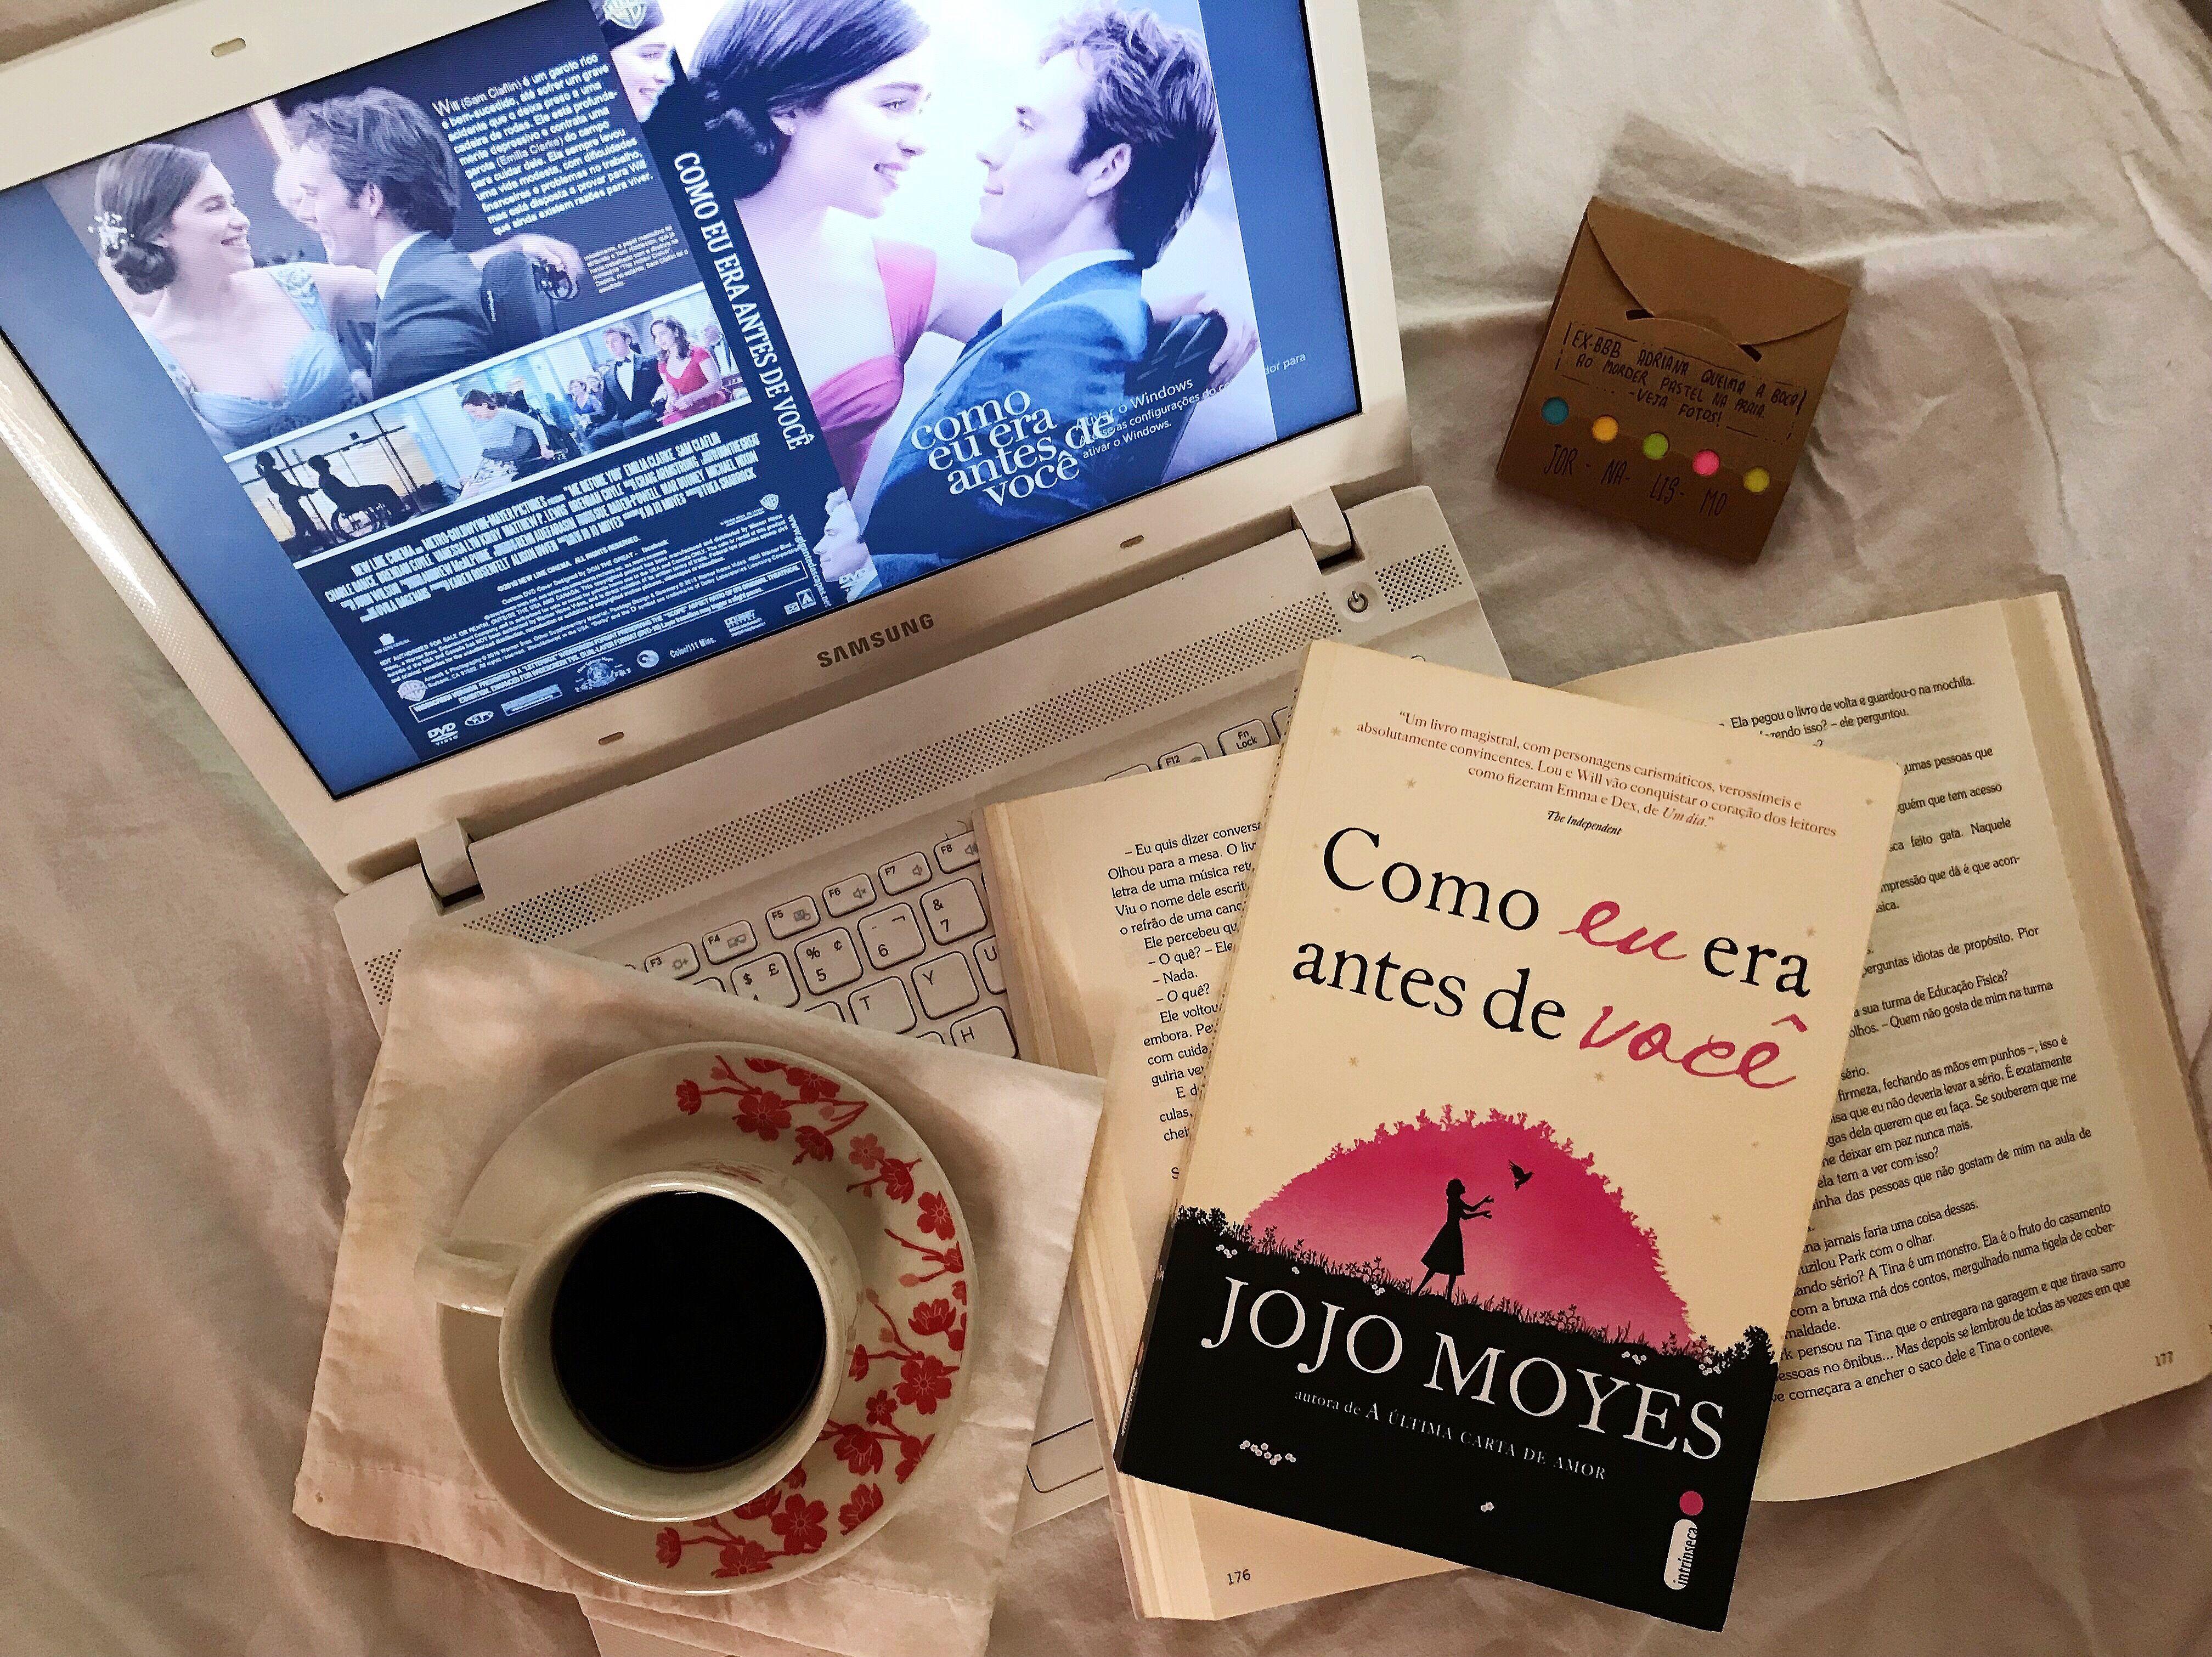 Pin De Rayla Brito Em Livros Em 2020 Livros Filmes E Ideias De